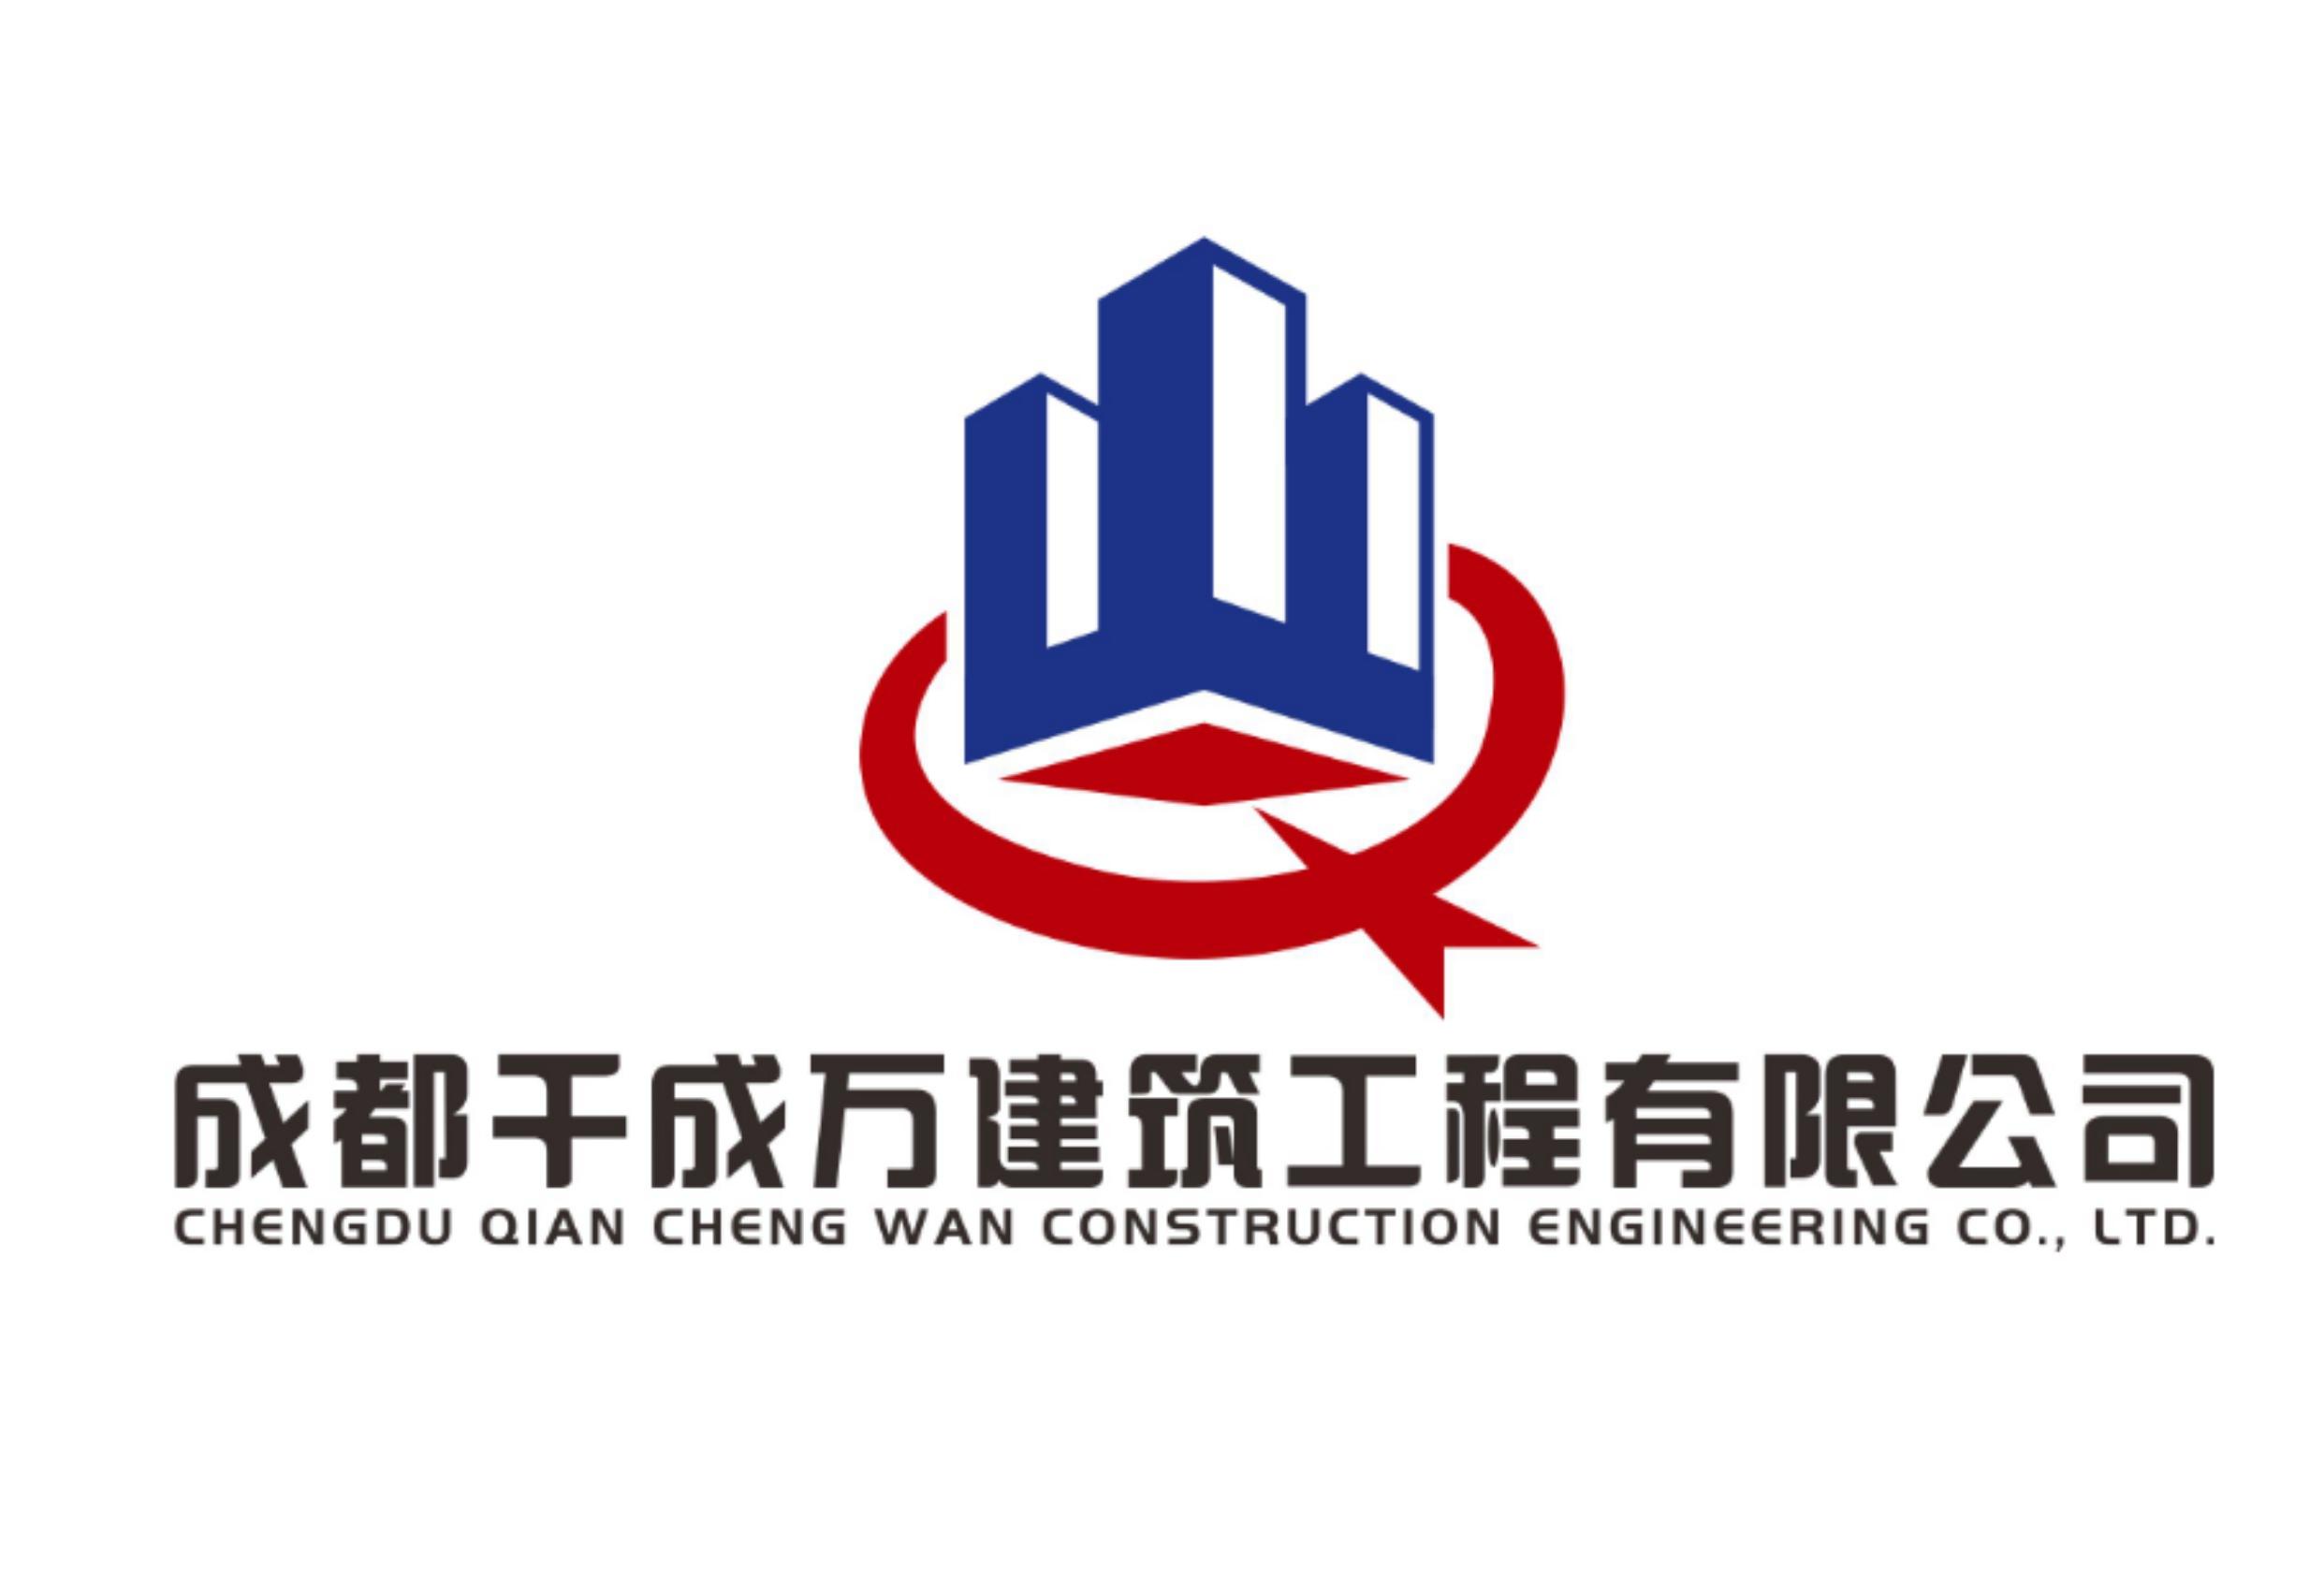 成都千成万建筑工程有限公司新疆分公司签订五千万工程合同